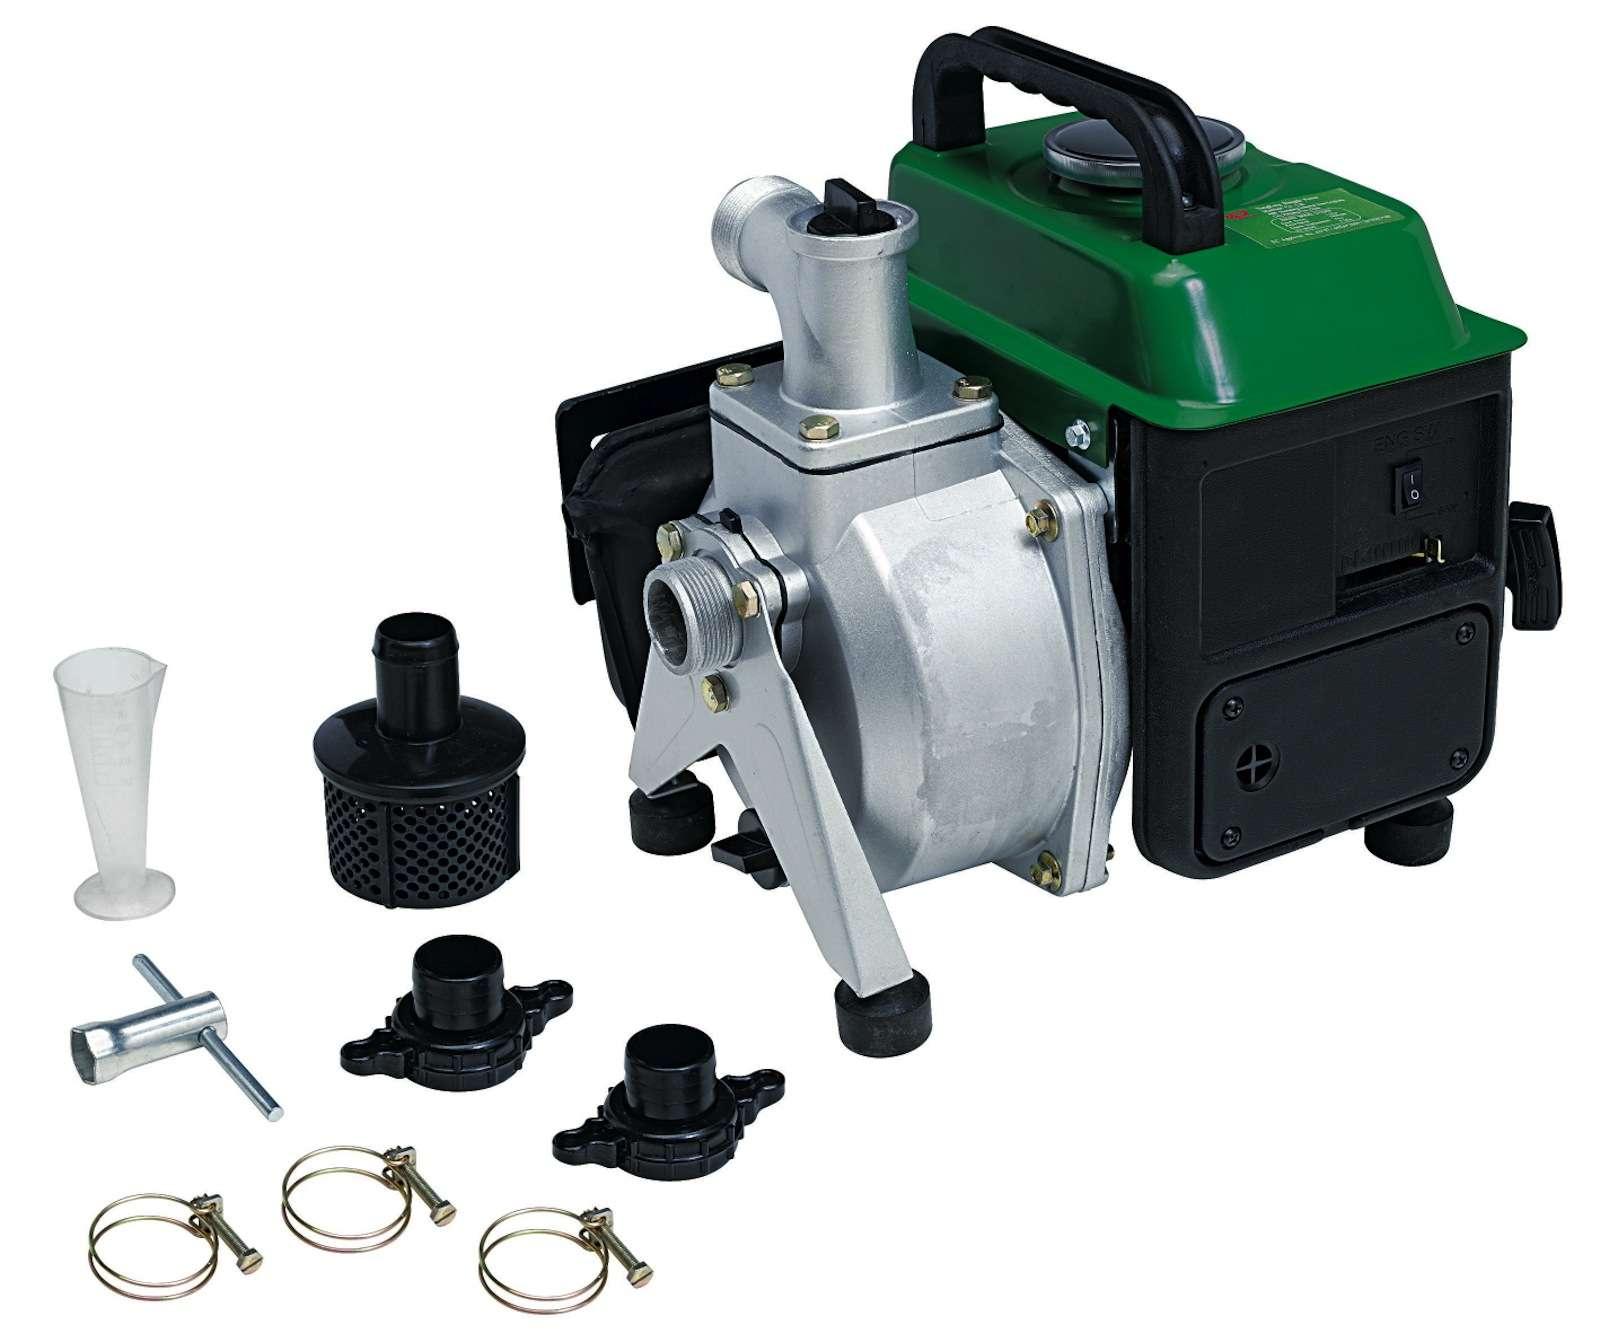 pompe a eau thermique 63 cc 2 hp 18m3 h motopompe portable. Black Bedroom Furniture Sets. Home Design Ideas